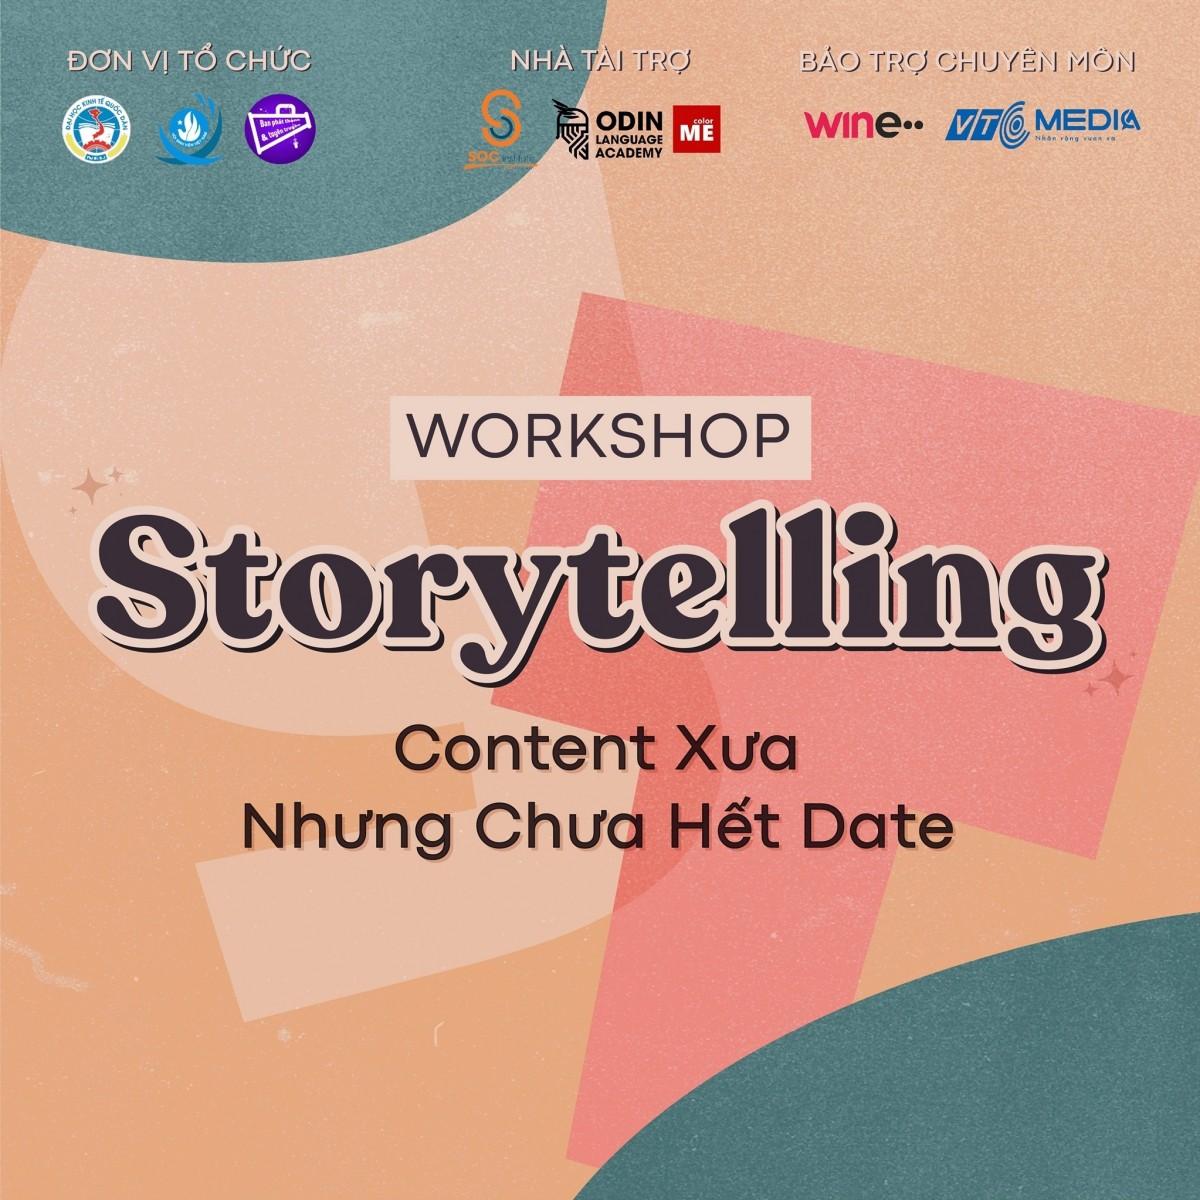 """Có bao giờ bạn thắc mắc về định nghĩa """"Storytelling"""" là Content xưa nhưng chưa hết date? Liệu bạn hiểu bao nhiêu về Content Storytelling, nguồn gốc và những xu hướng hiện nay của storytelling. Mọi thứ sẽ được giải đáp trong Workshop """"Storytelling - Content Xưa Nhưng Chưa Hết Date"""" hứa hẹn sẽ là liều thuốc xoa dịu tâm hồn giữa cái nắng oi ả của mùa Hè."""